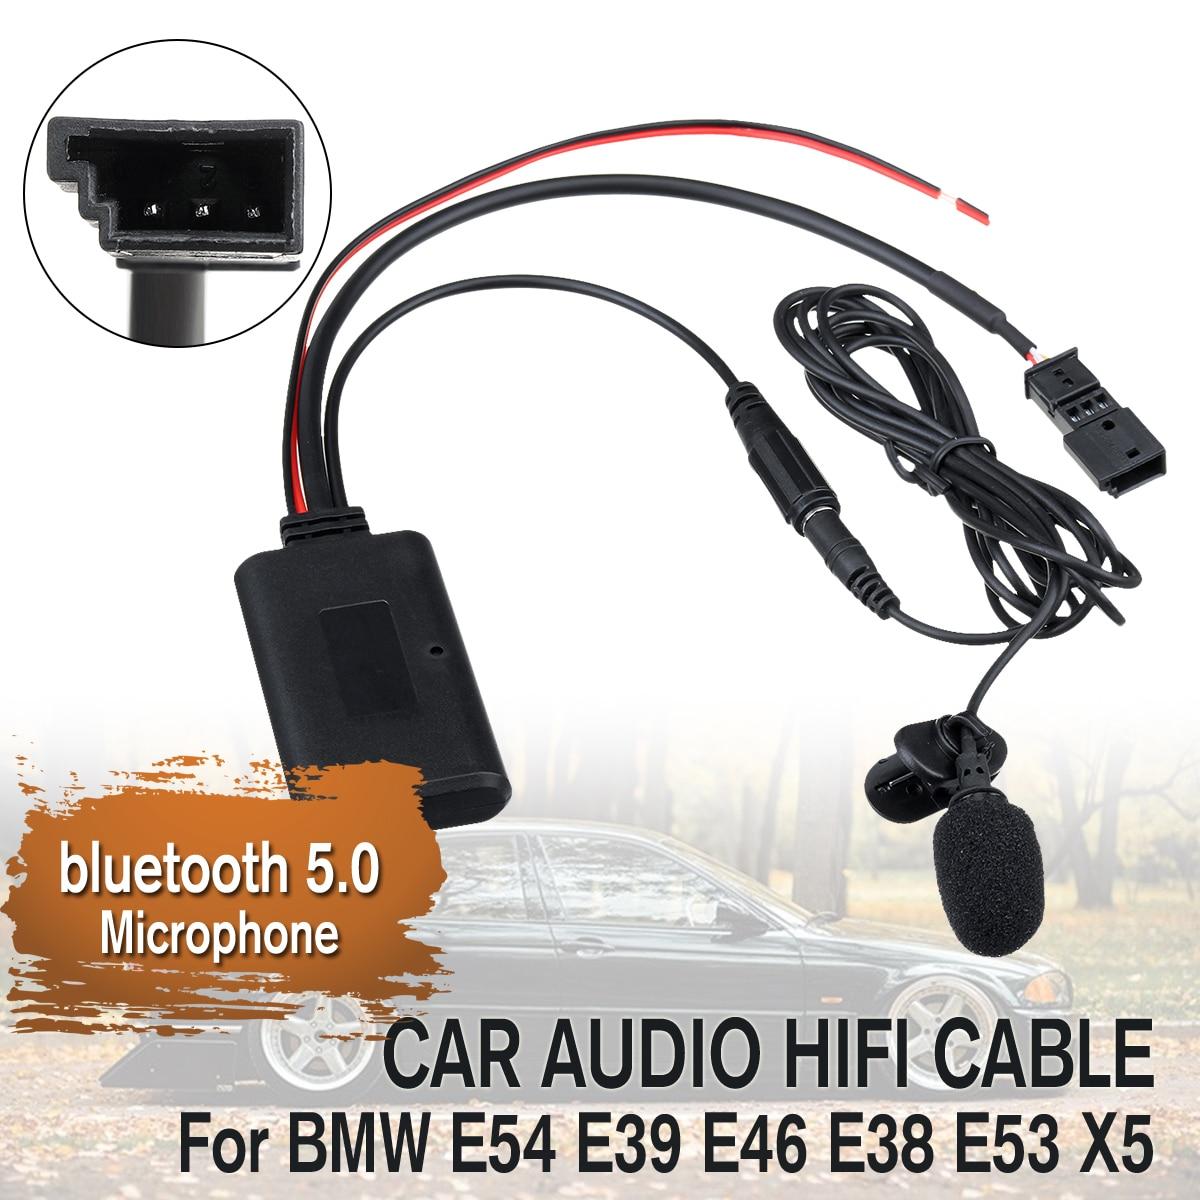 12V Car Audio Bluetooth 5.0 HIFI Cable Adaptor Microphone For BMW E54 E39 E46 E38 E53 X5